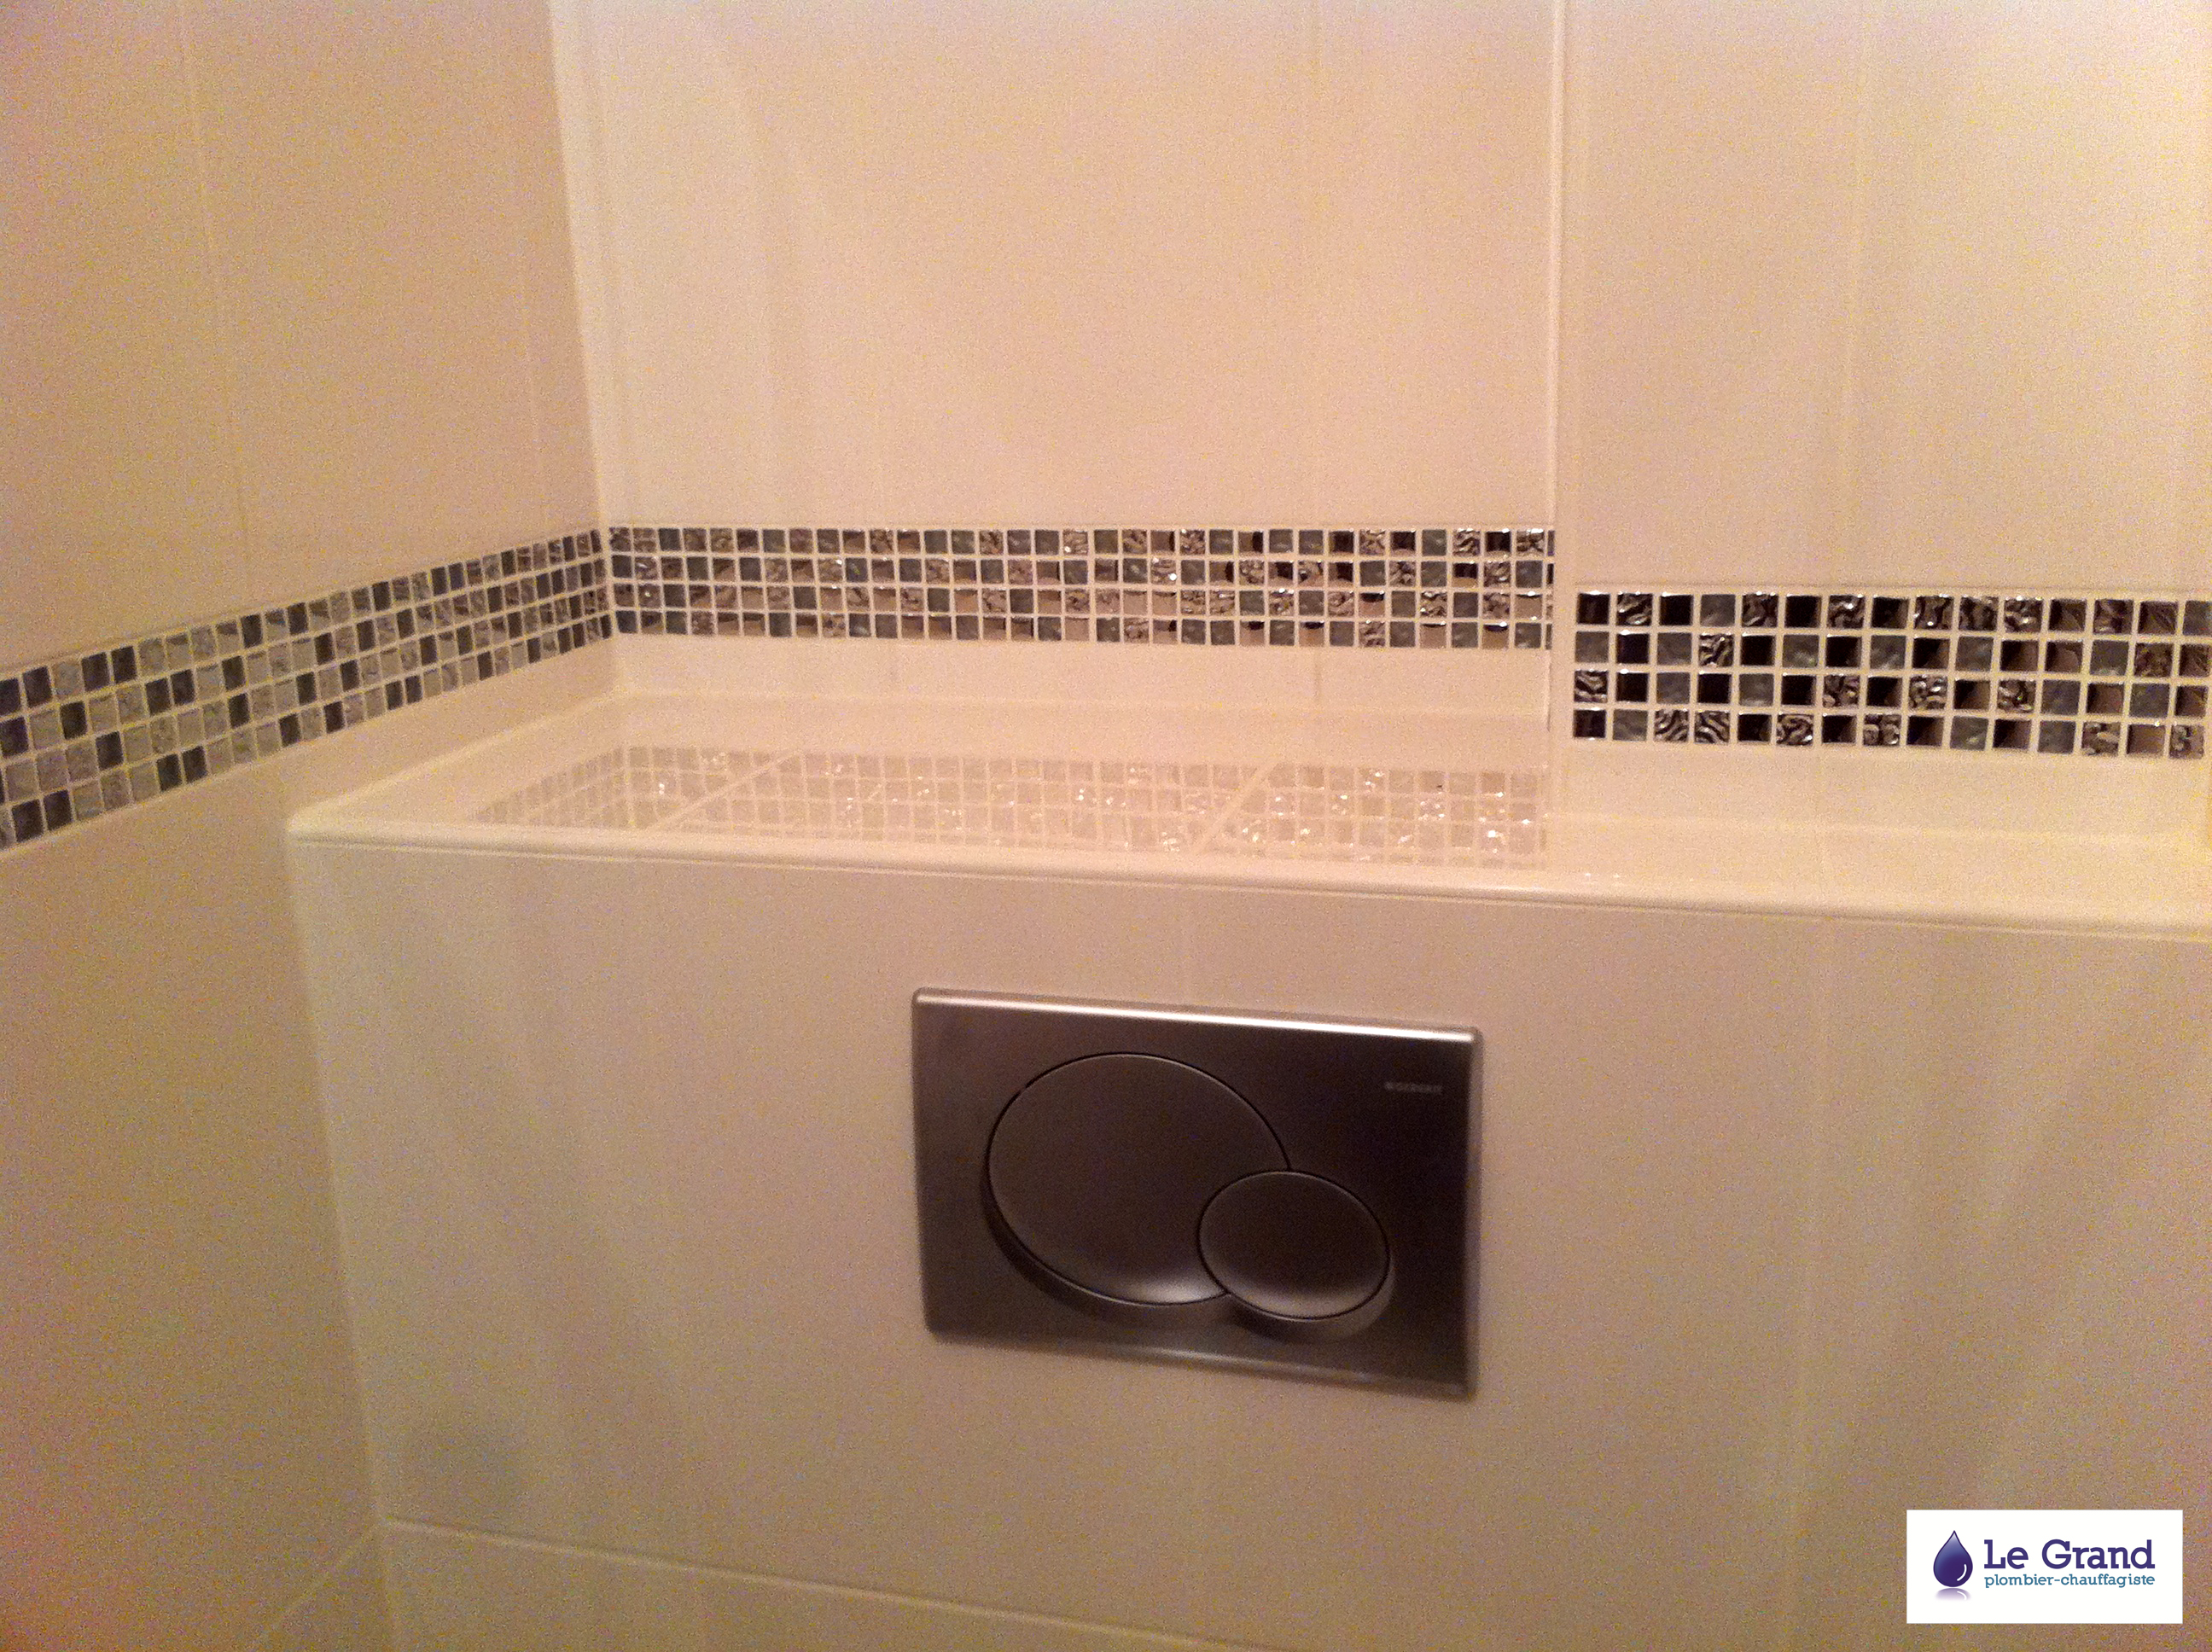 Legrand plomberie plombier rennes salle de bains frise wc for Frise autocollante pour salle de bain